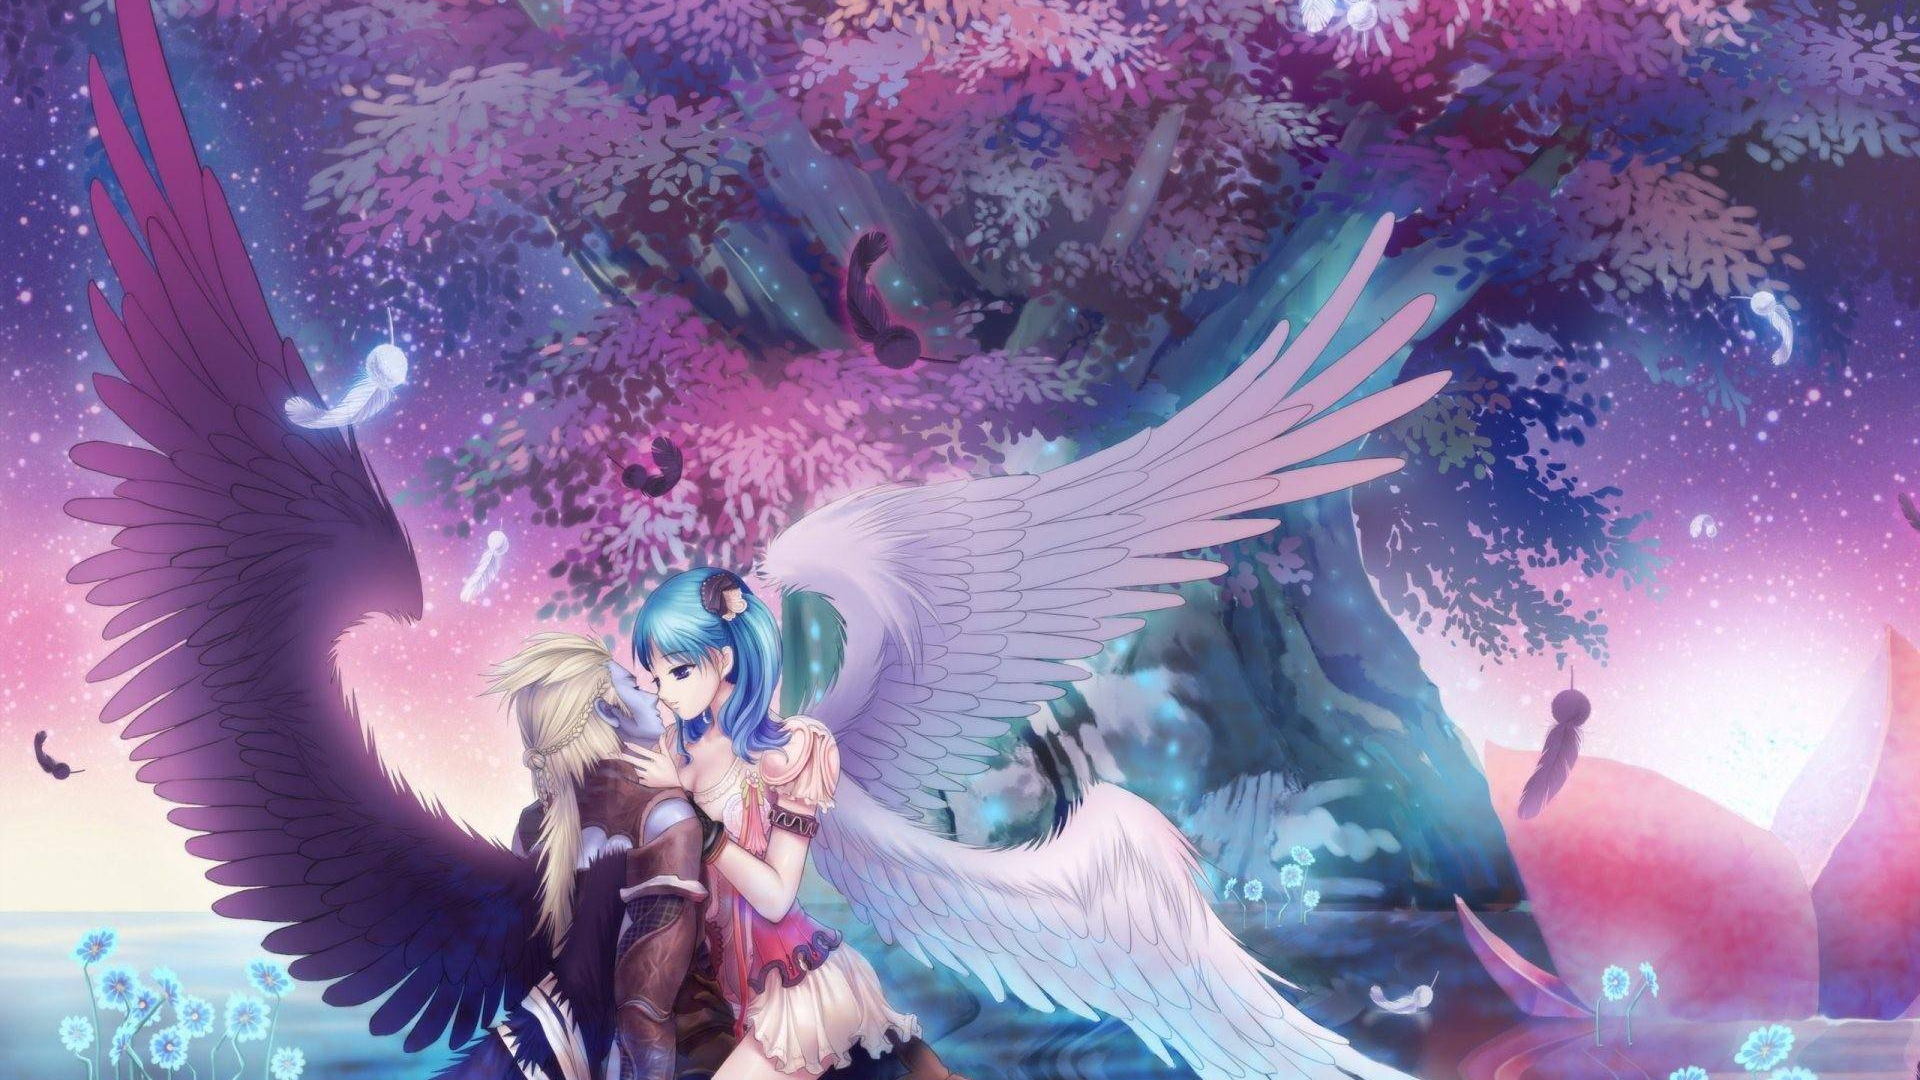 Free Download Beautiful Angel Romance Anime Amp Manga Wallpaper